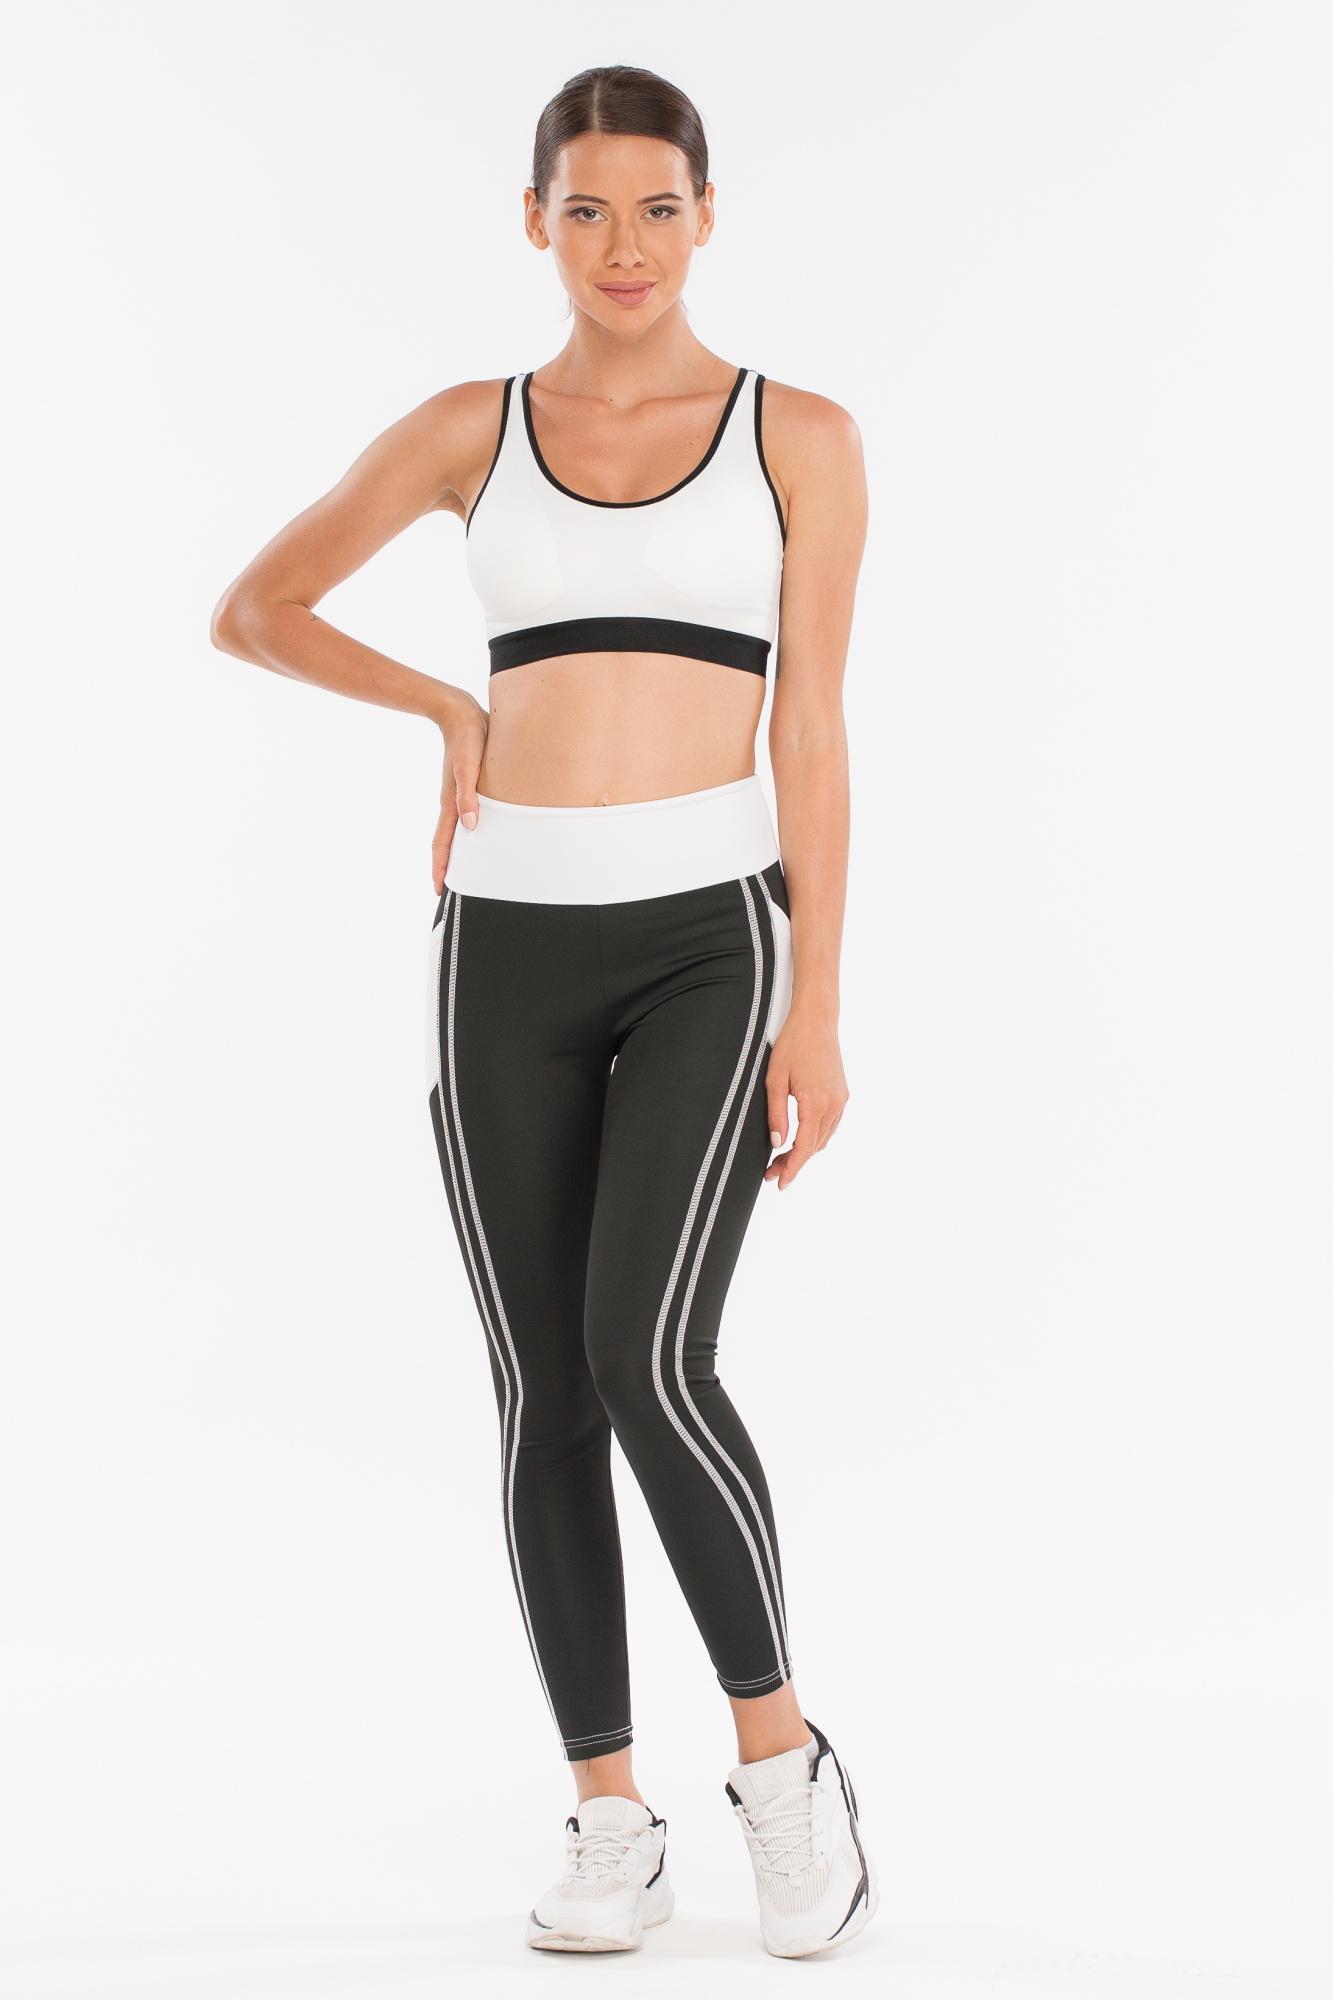 Леггинсы женские Morera, цвет: Черный/Белый. Размер 4893061 BLACK/WHITE (XL)Леггинсы для фитнеса, спорта и бега.